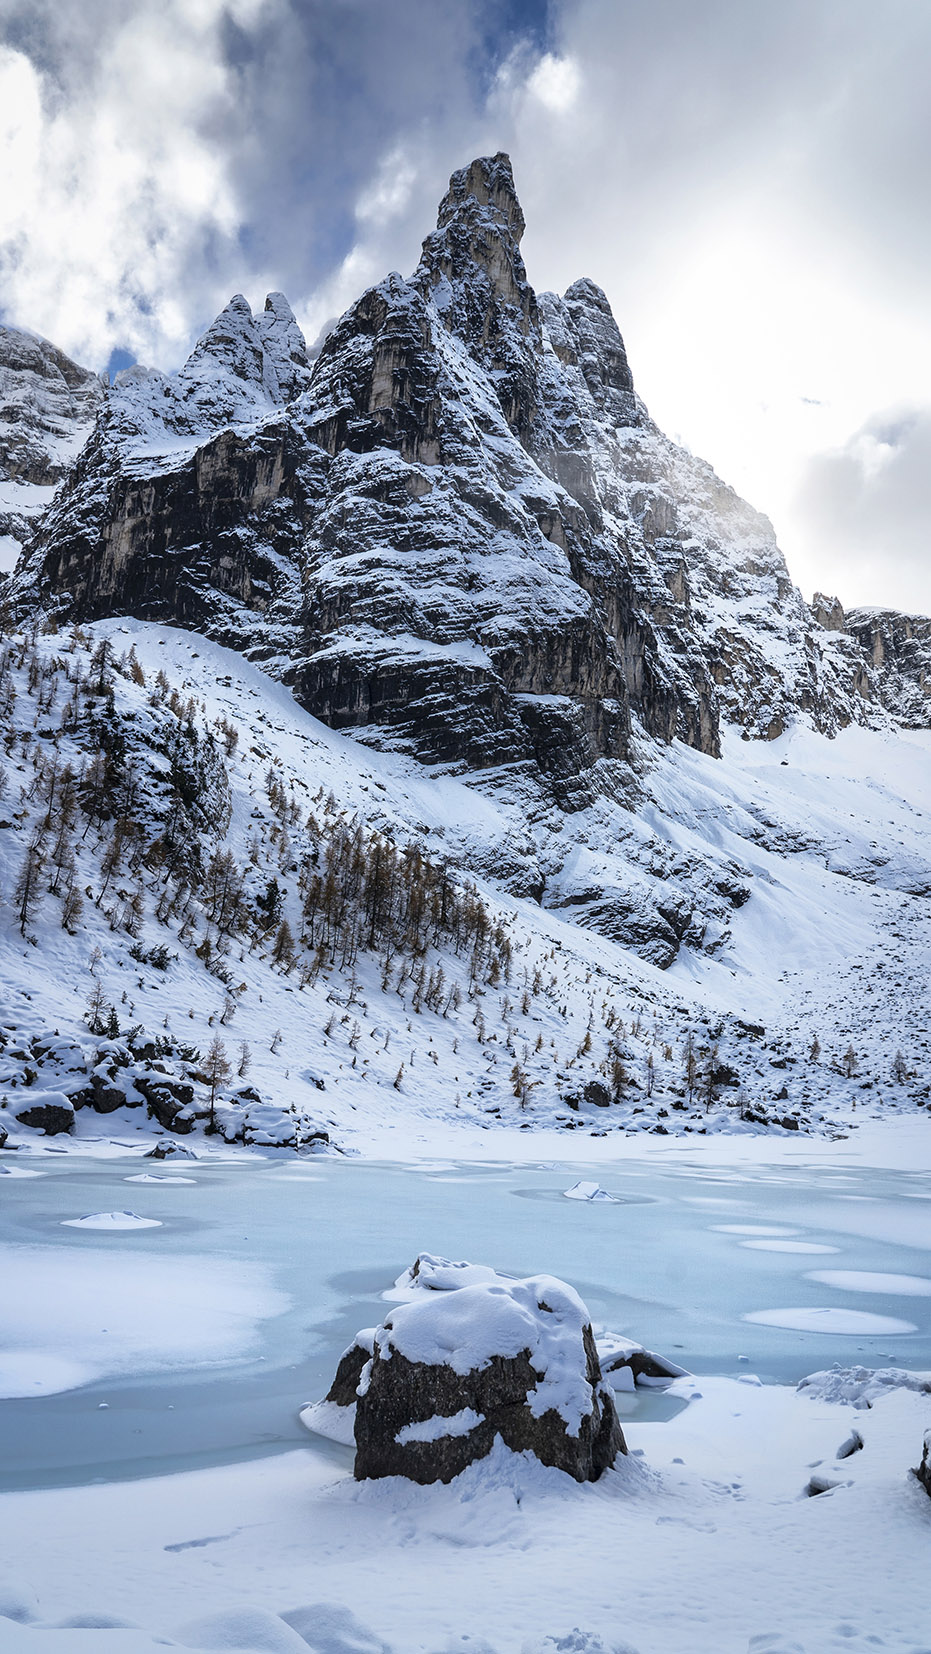 Lago di Sorapis randonnée lac glacé bleu turquoise neige